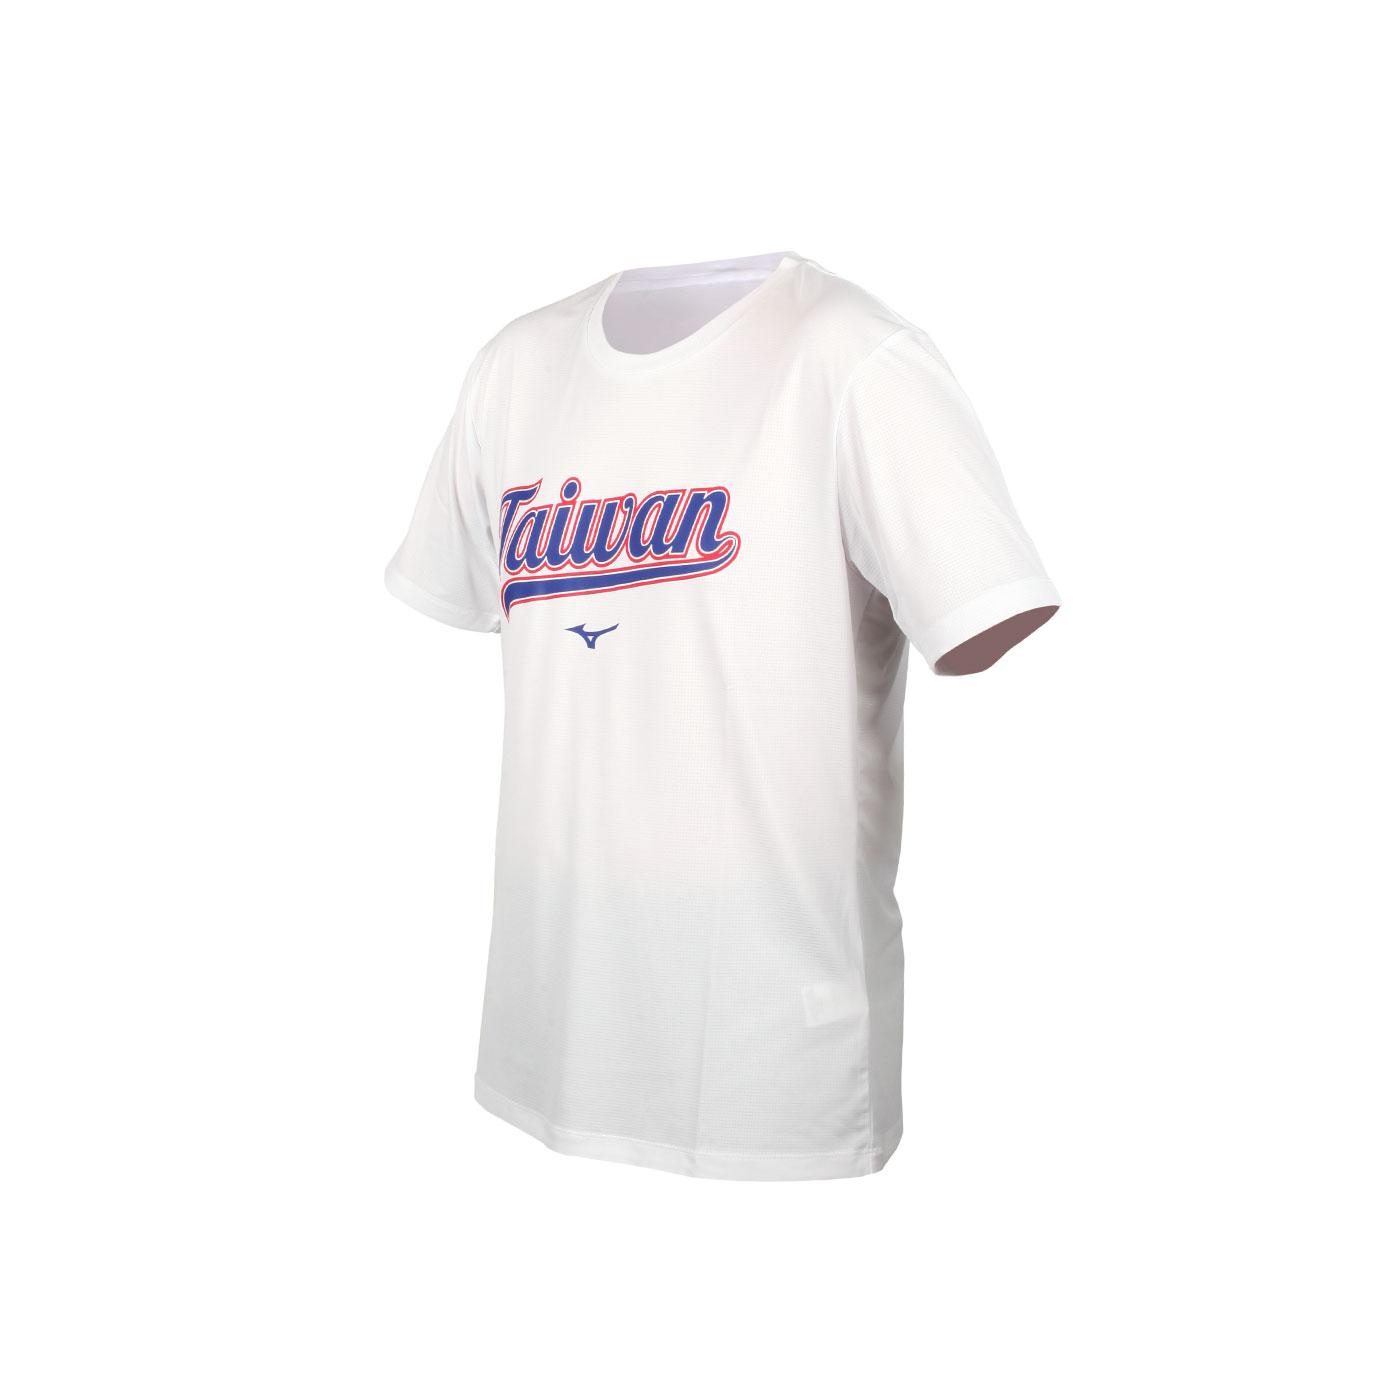 MIZUNO 男款短袖T恤 32TA051001 - 白藍紅